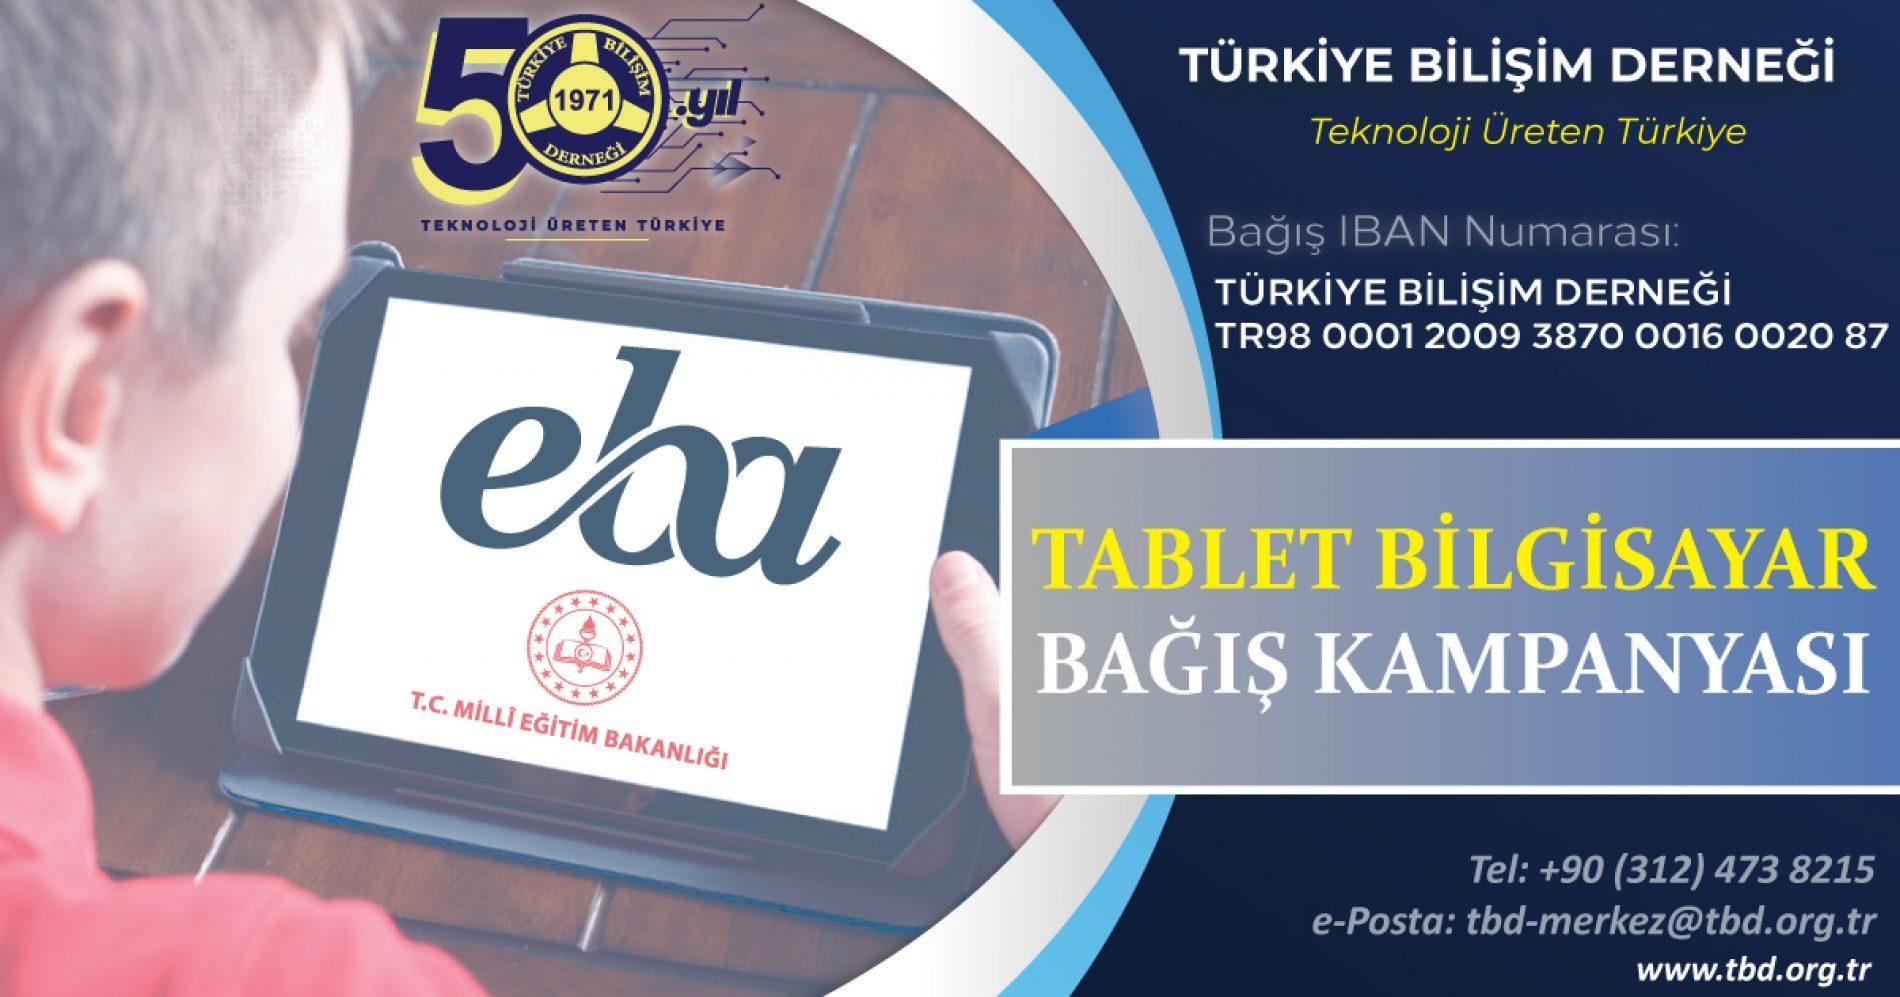 Tablet Bilgisayar Bağış Kampanyası